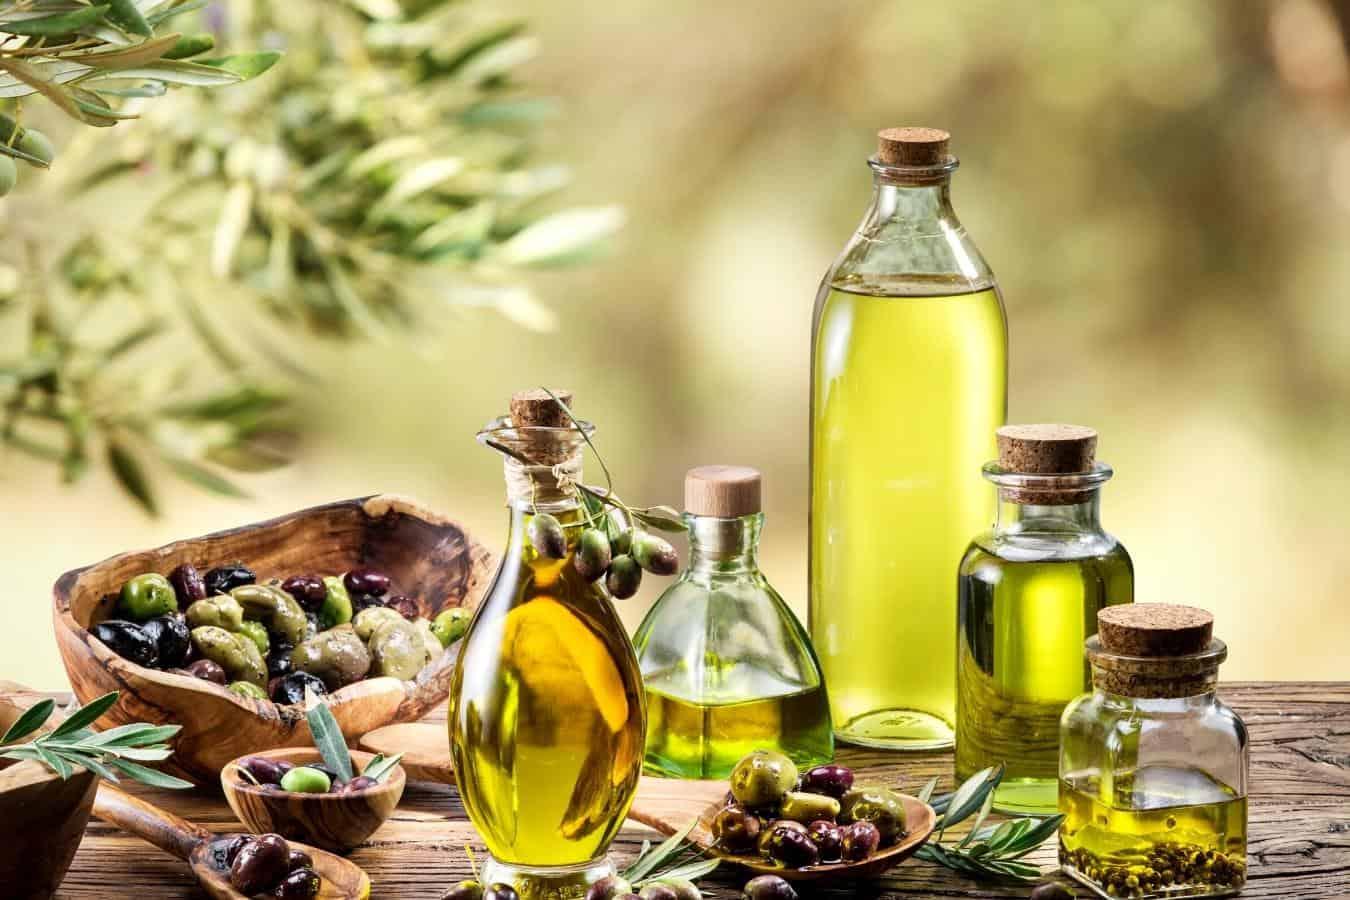 castor oil for curly hair